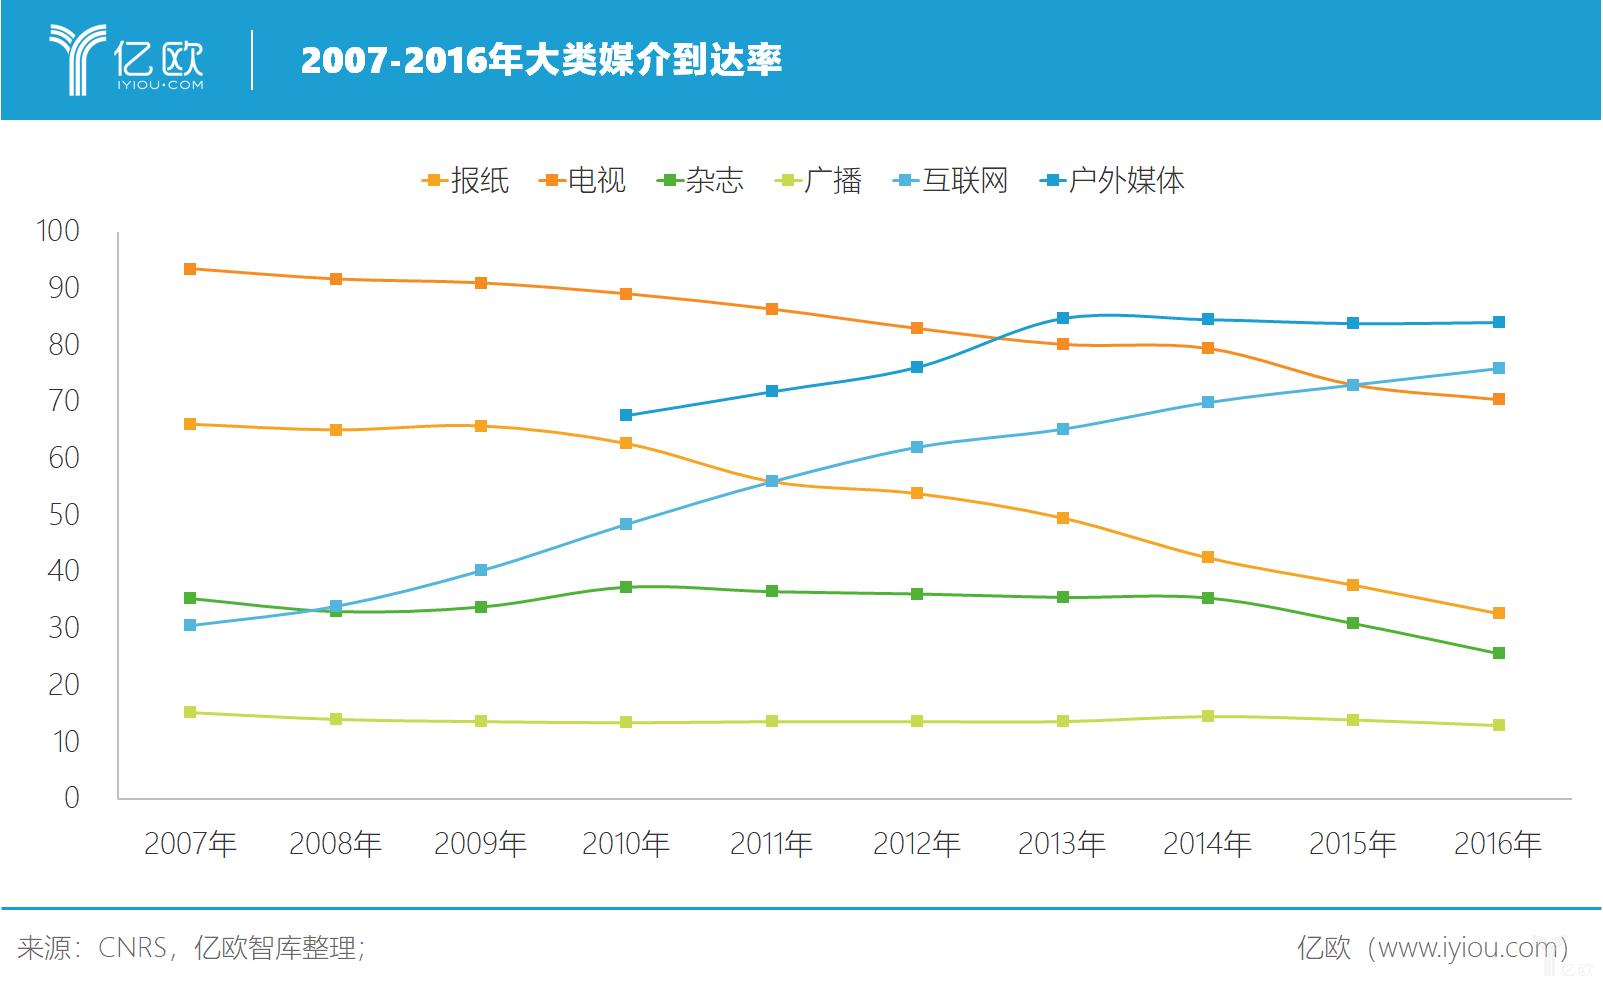 亿欧智库:2007-2016年大类媒介到达率